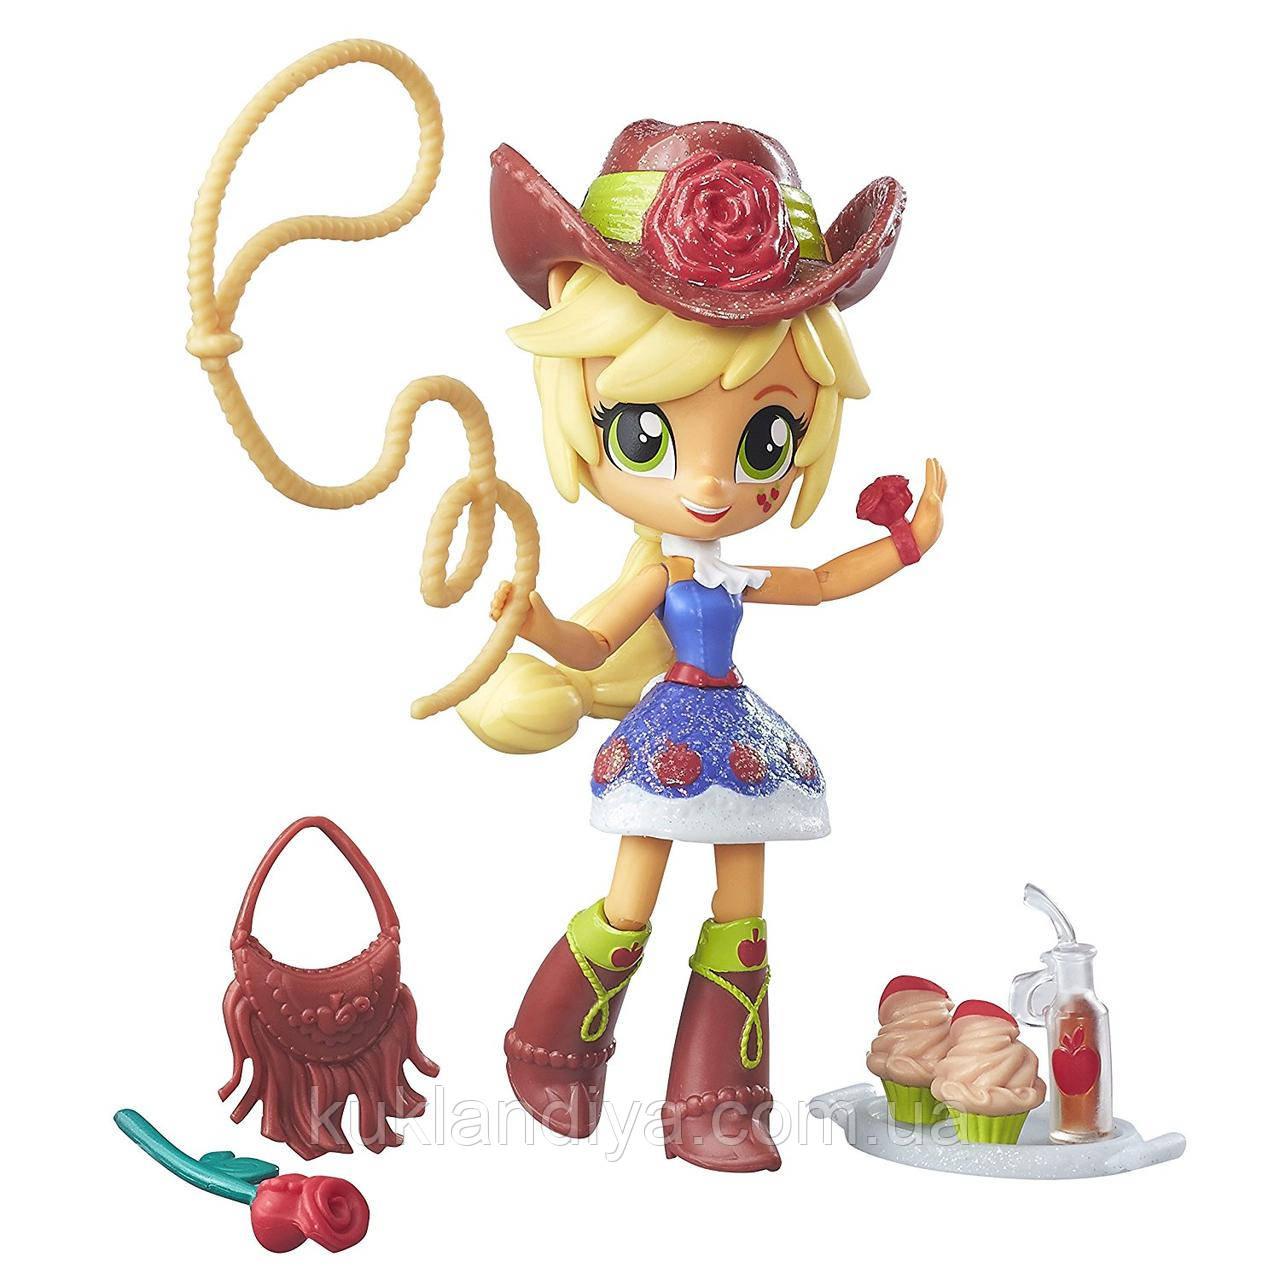 Игровой набор My Little Pony Эпплджек школьные танцы